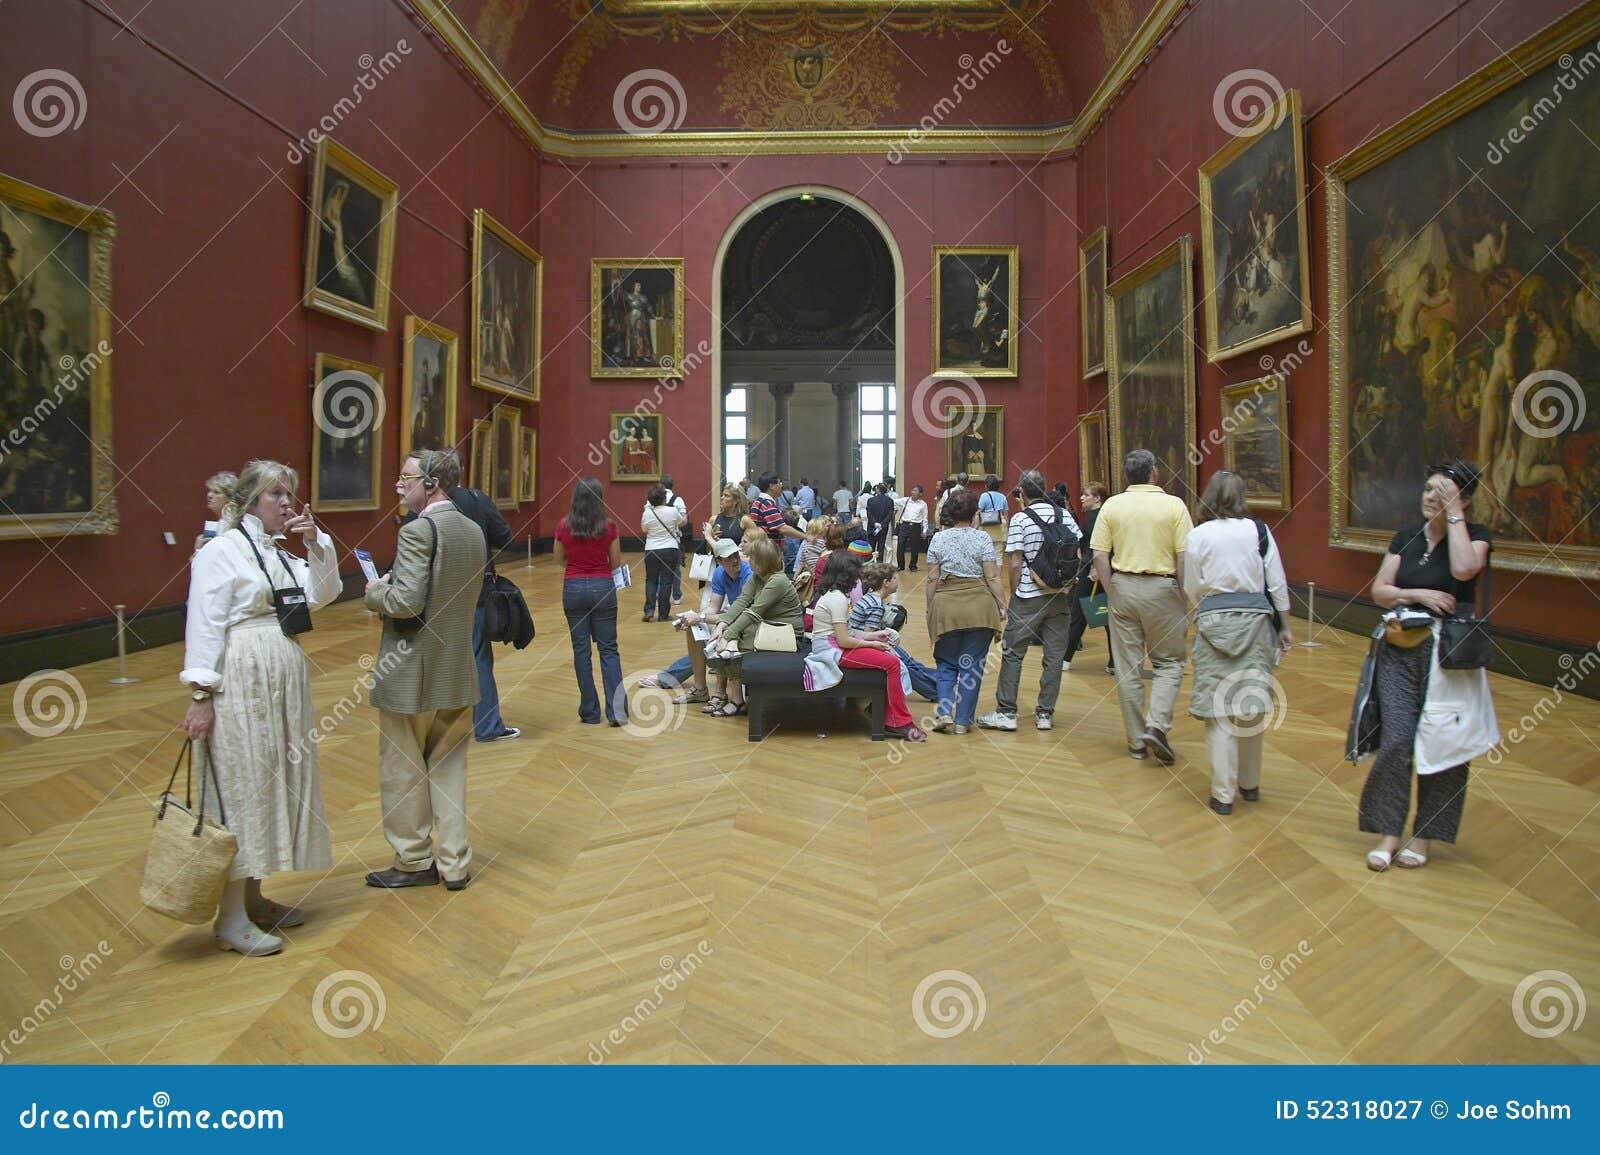 Galeria europeia no museu do Louvre, Paris, França